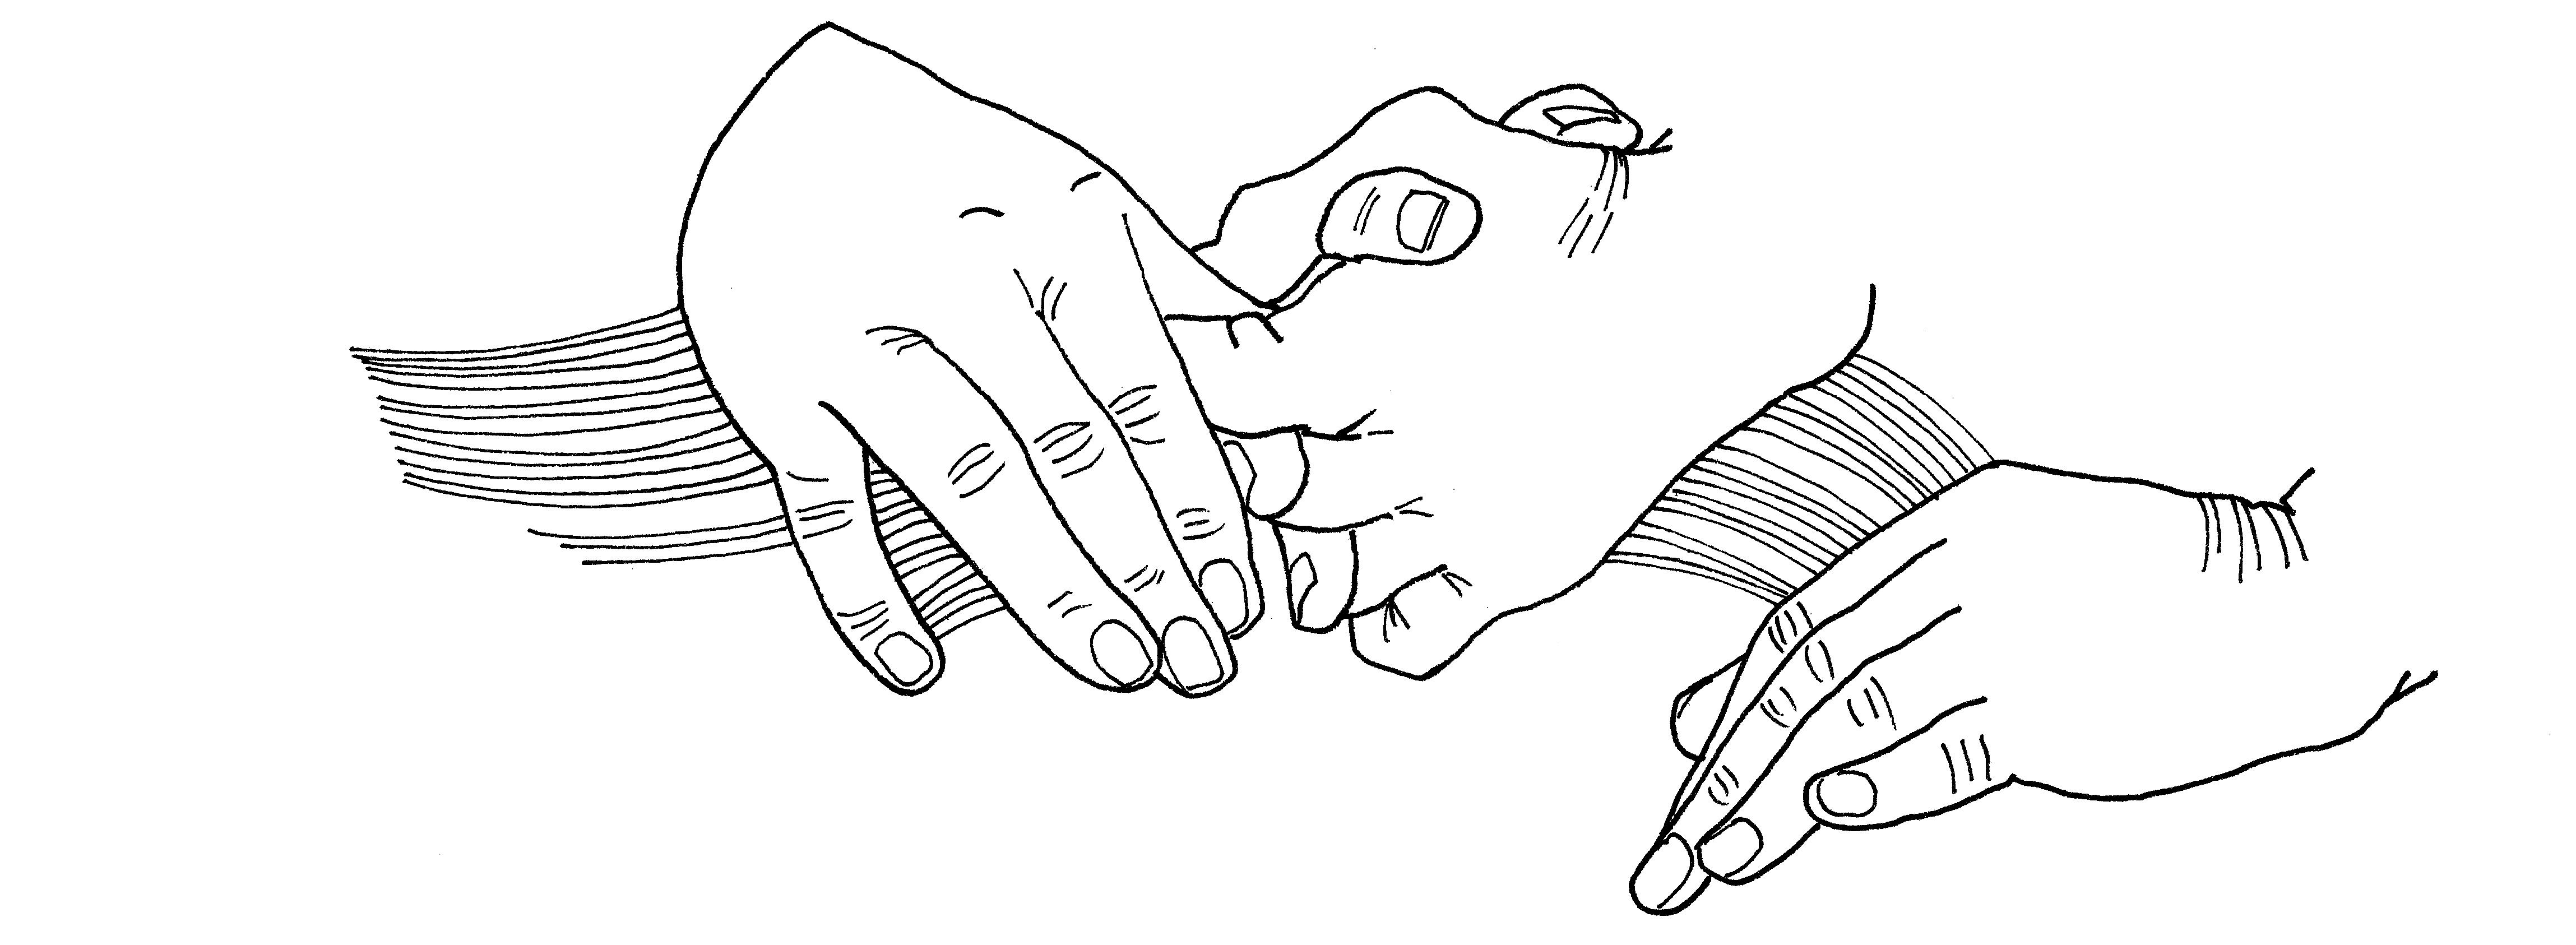 Illustrazioni-Una brevissima storia d'amore-Mani